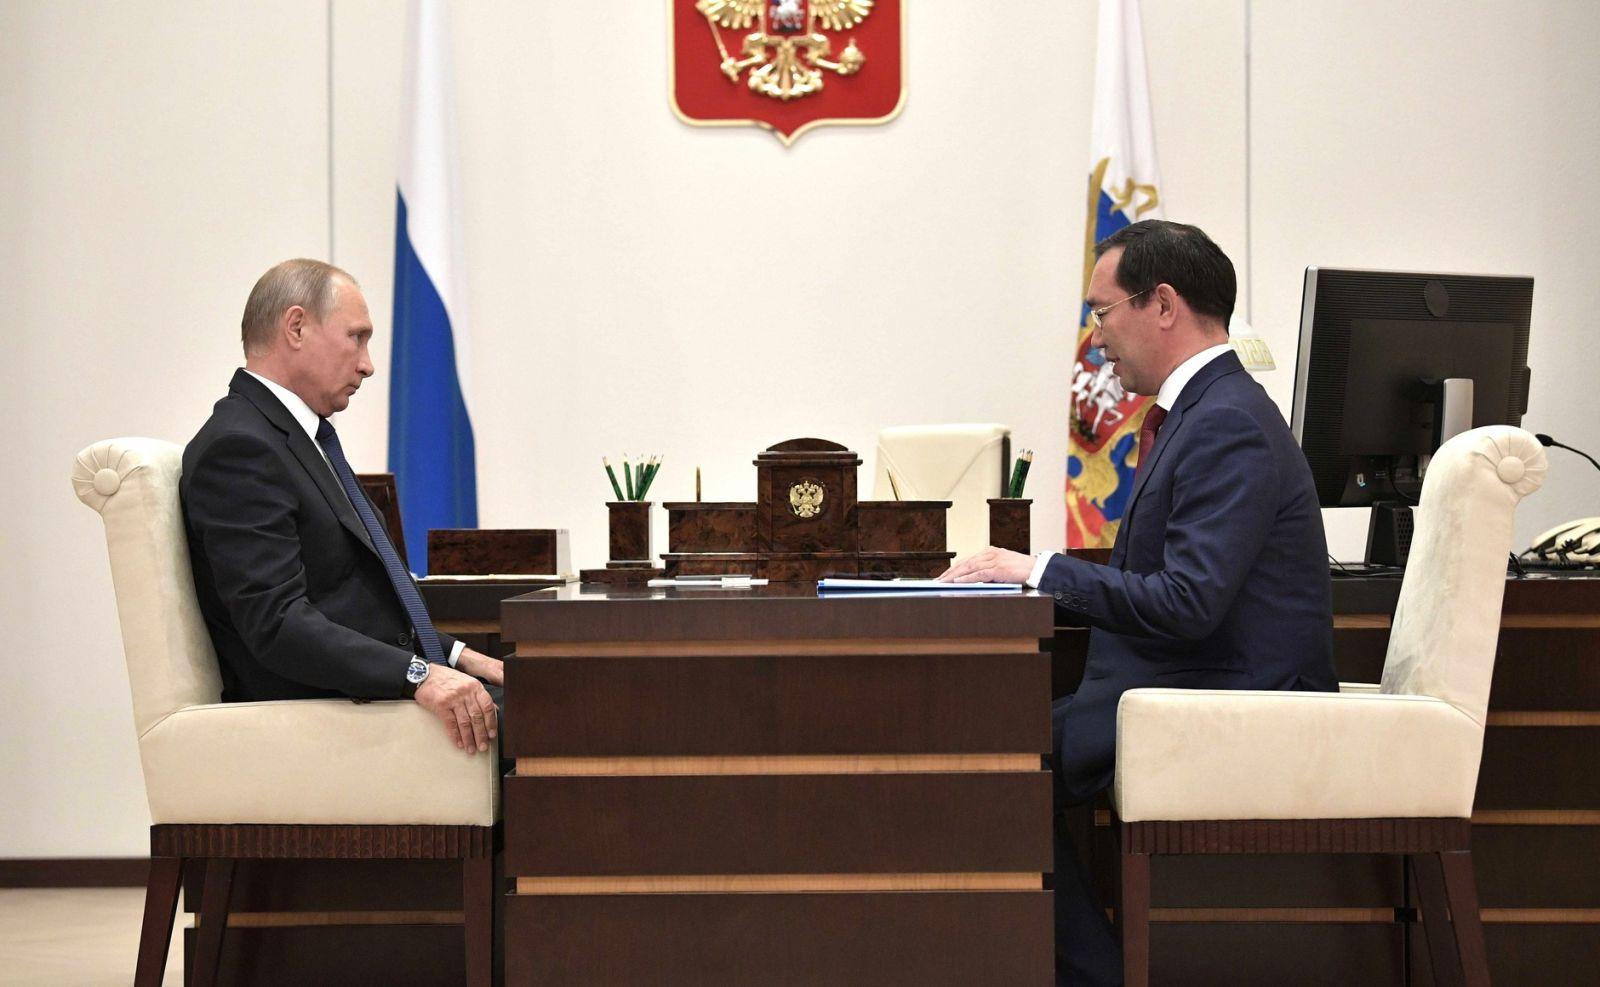 Владимир Путин поддержал предложение врио Главы Якутии Айсена Николаева о создании новых учебных мест